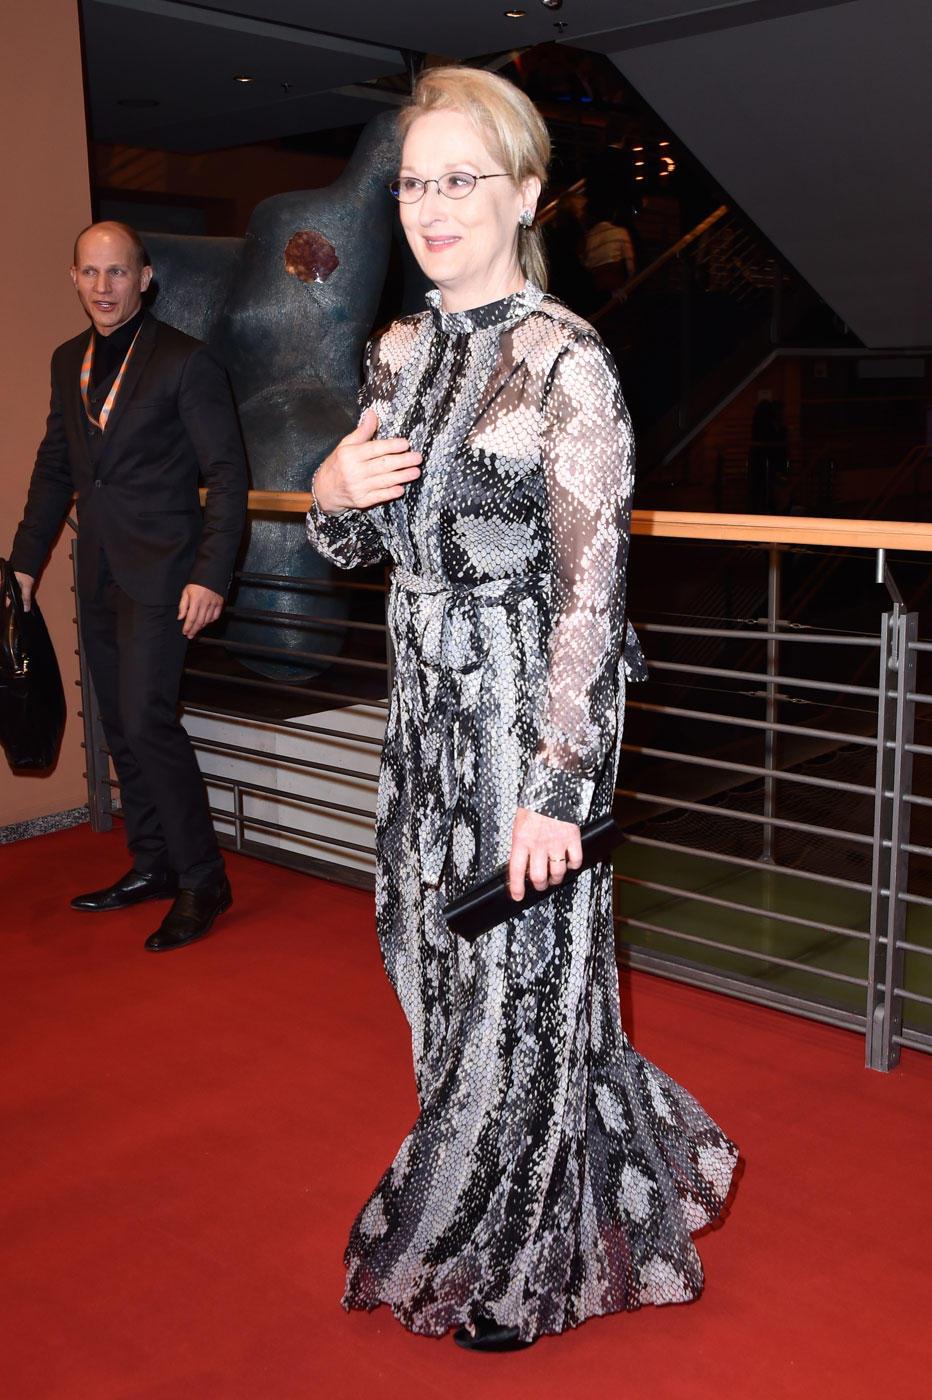 Berlinale 2016: Meryl Streep